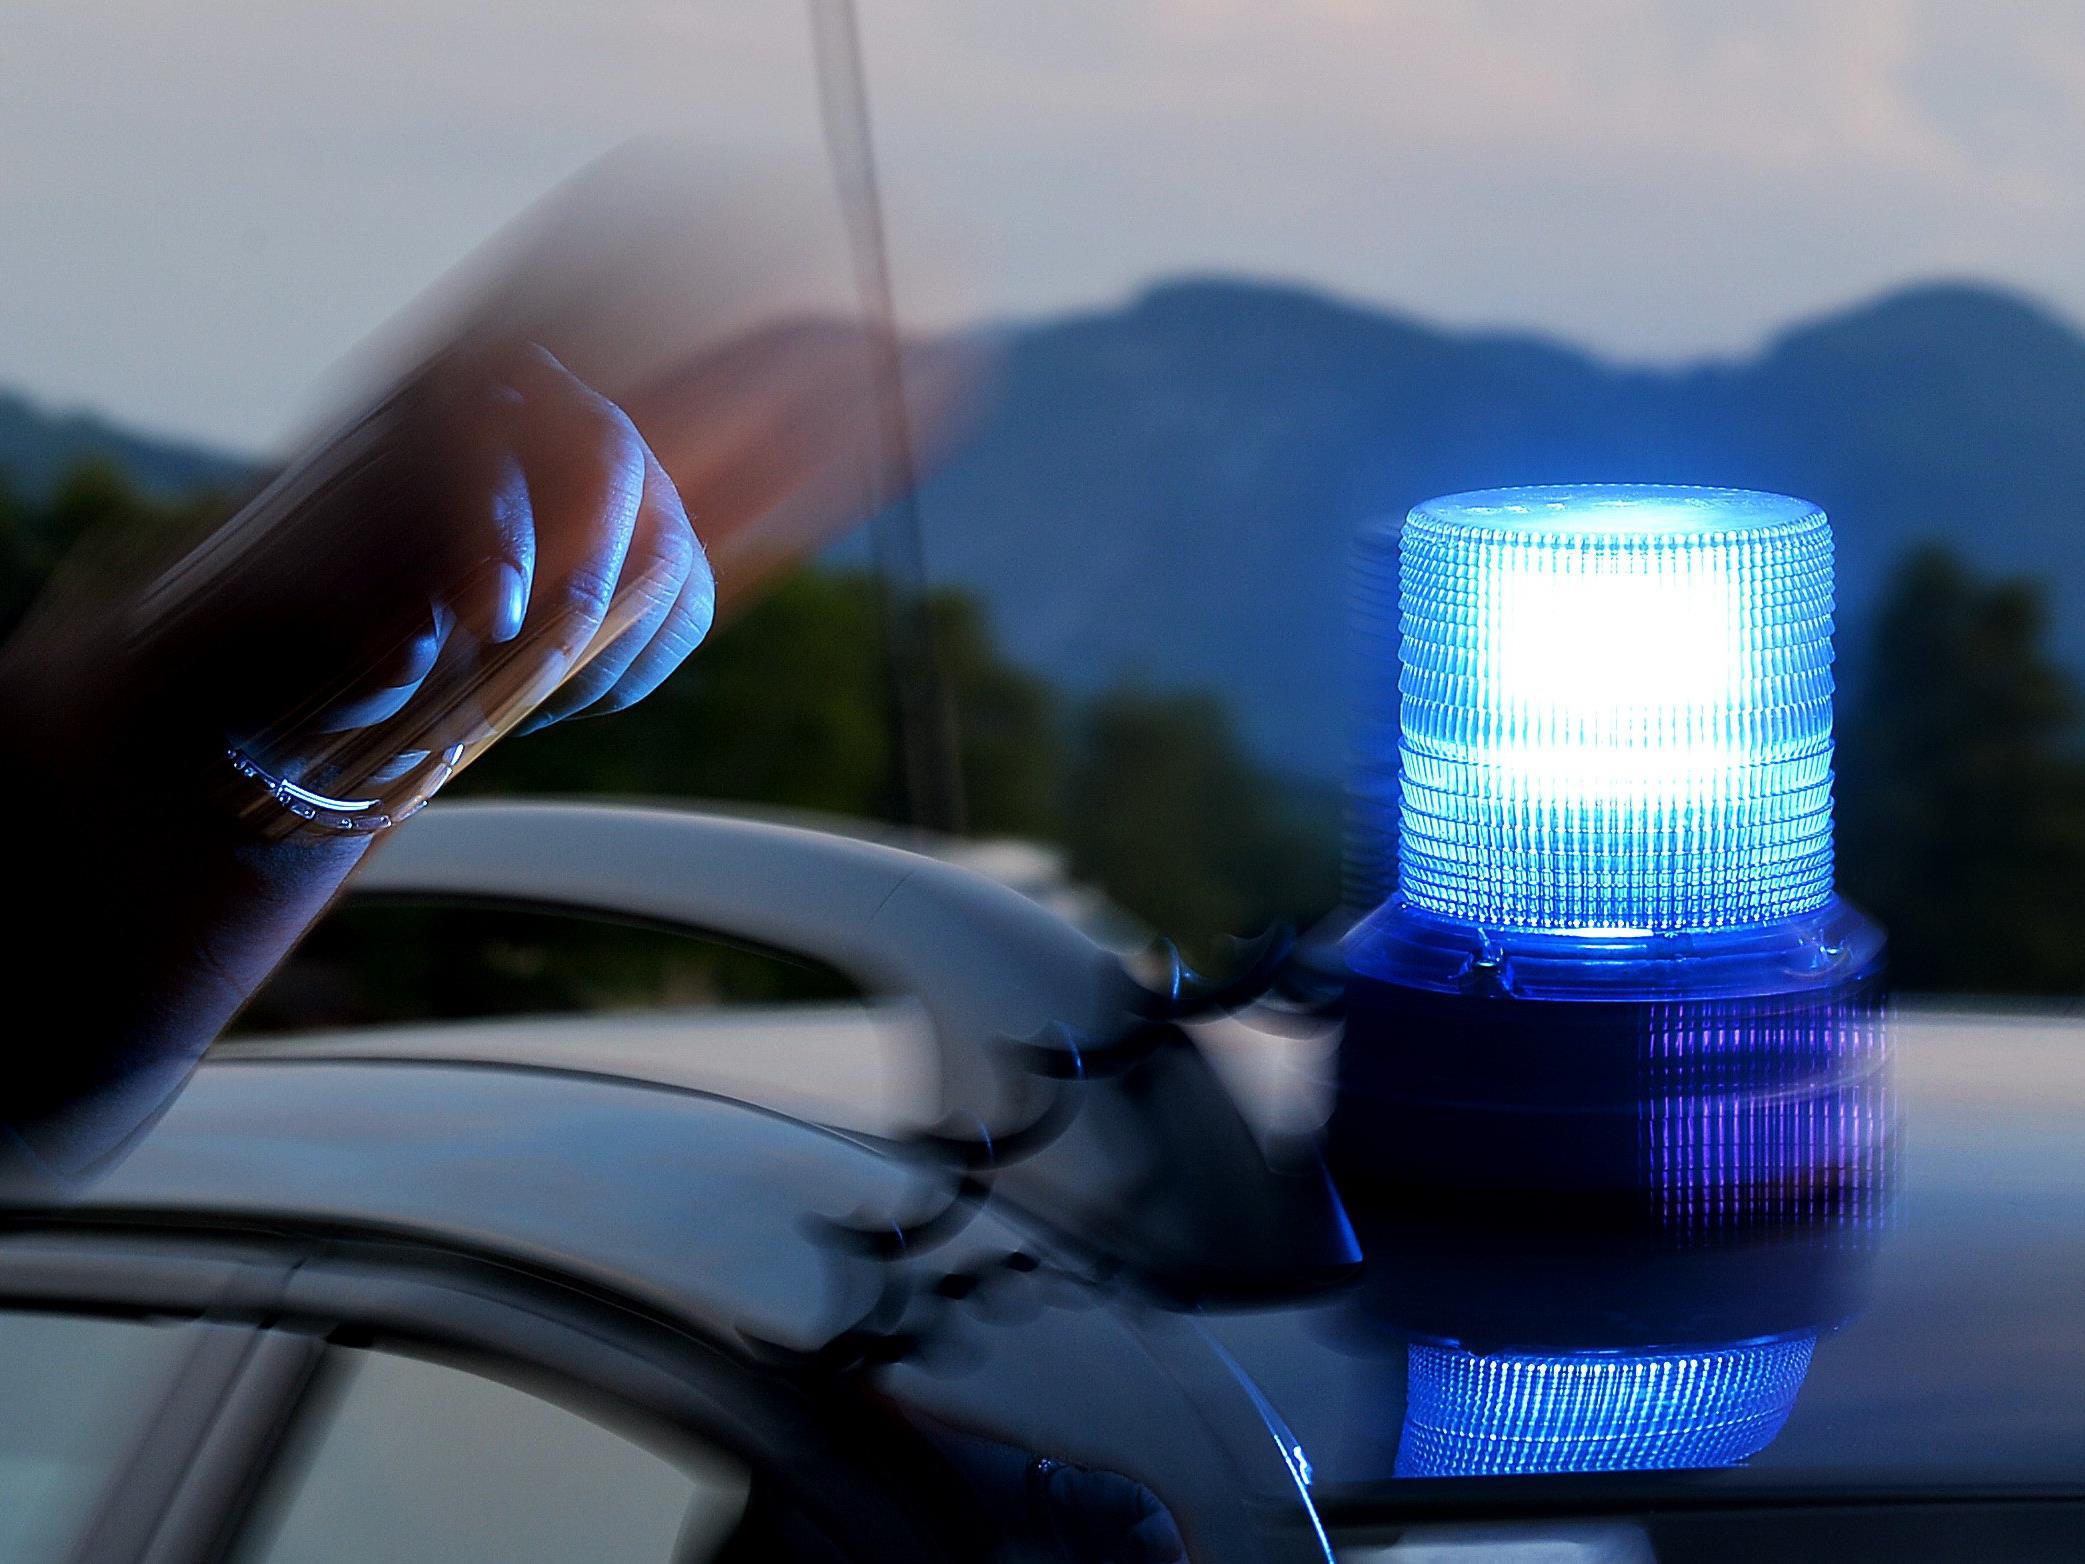 Nach einem Unfall in Feldkirch wird eine Pkw-Lenkerin gesucht.